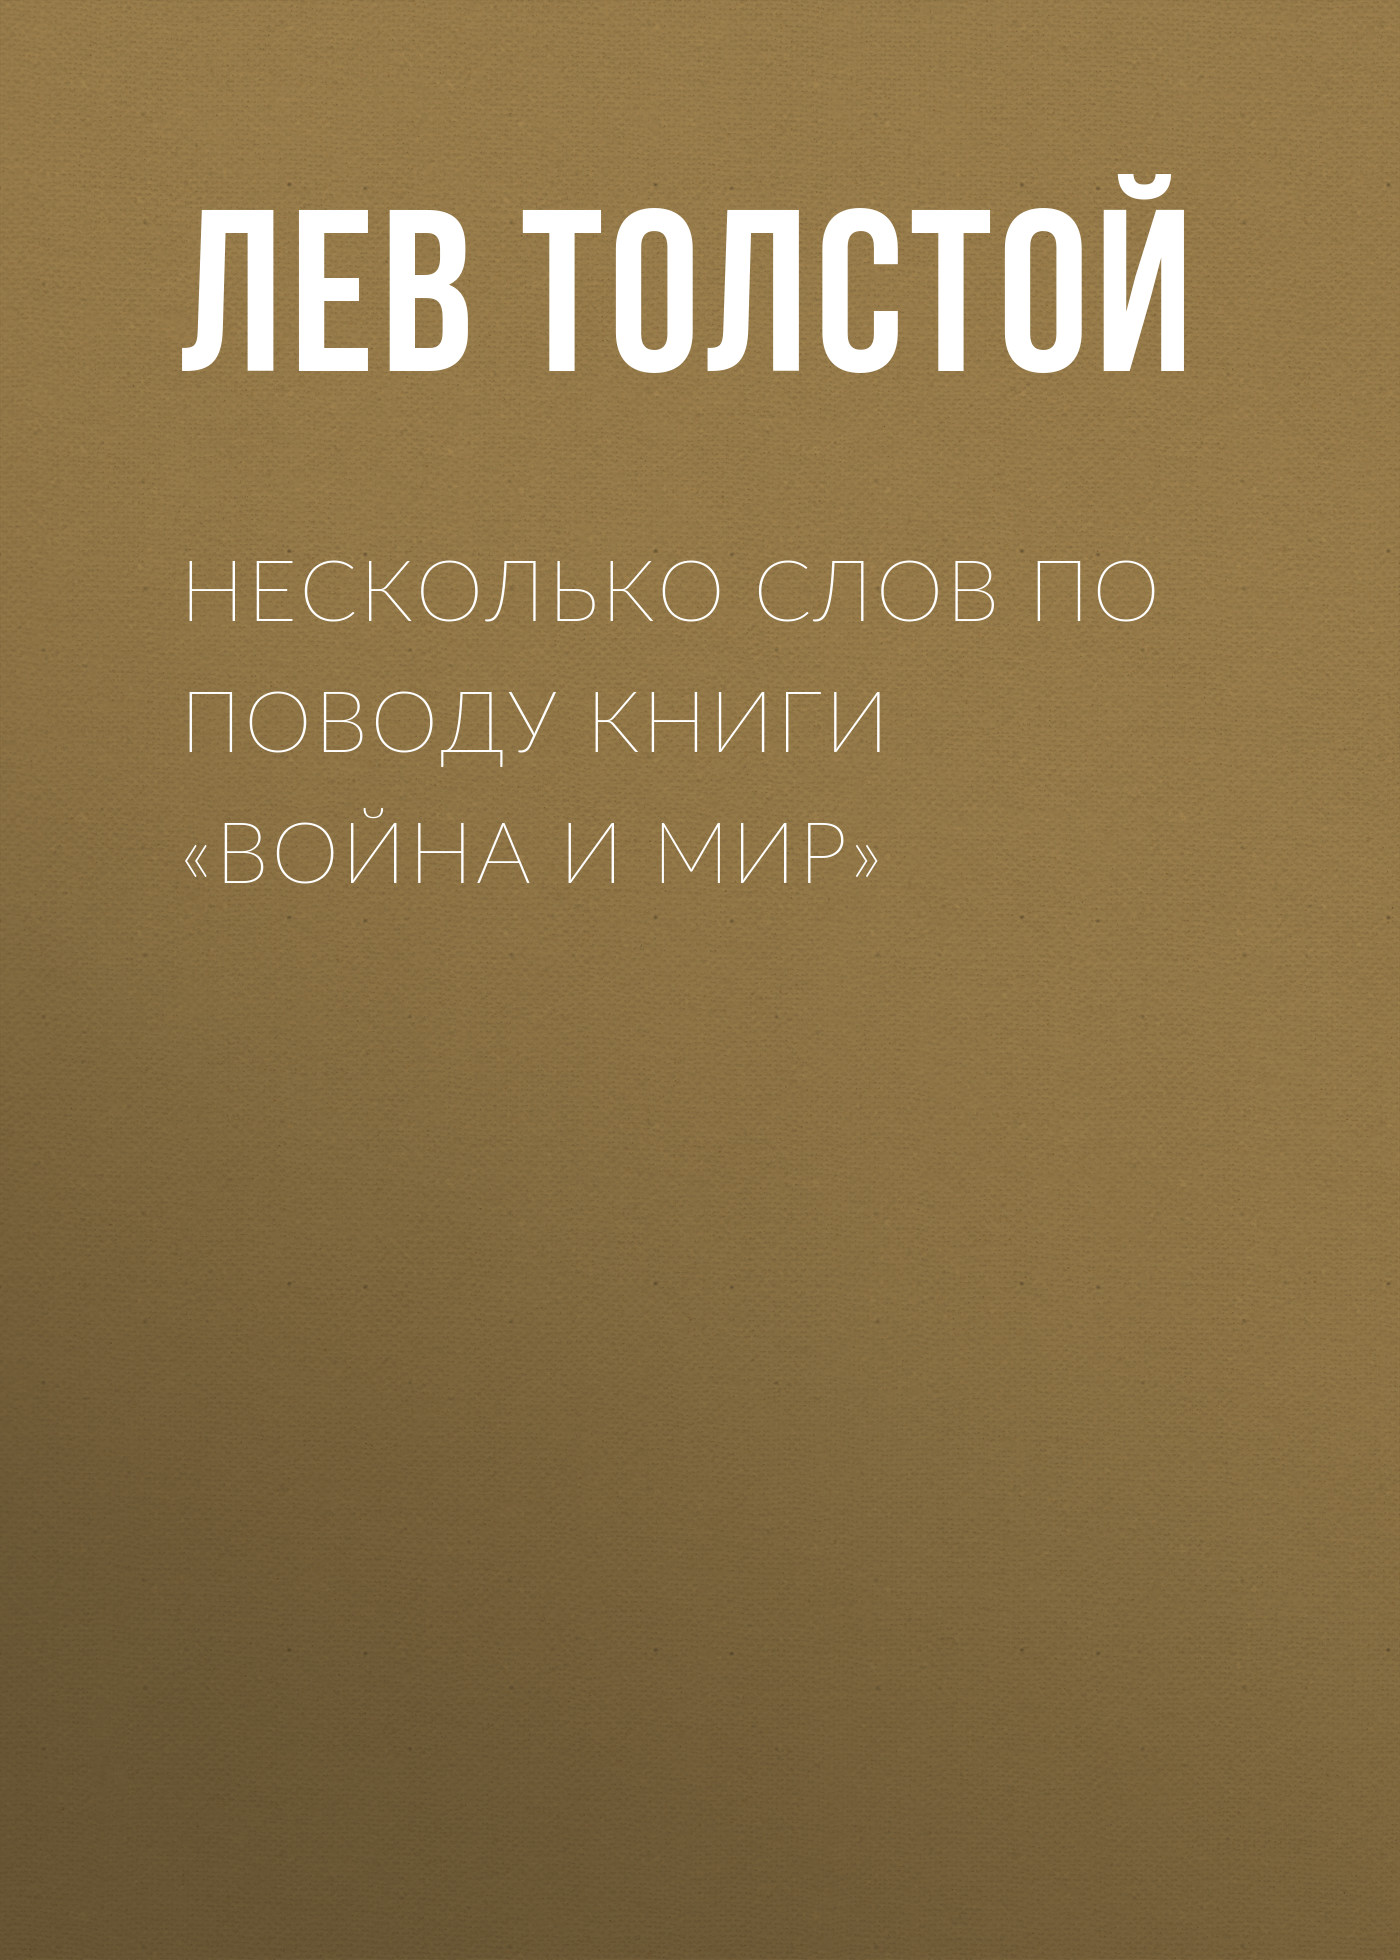 Несколько слов по поводу книги «Война и мир»